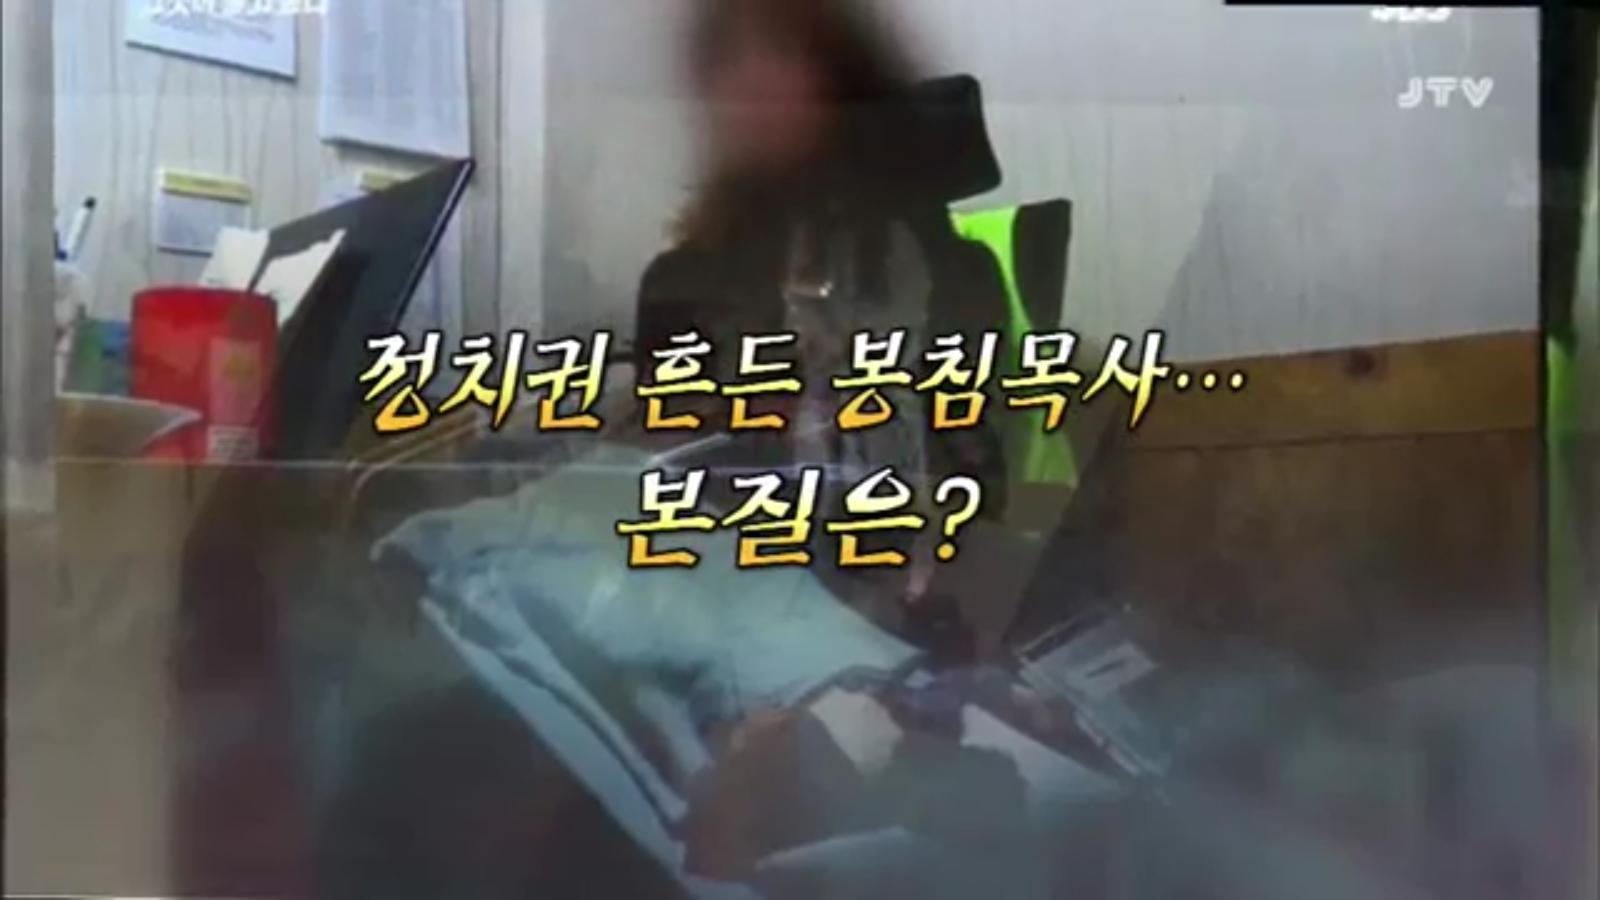 [18.4.13 JTV] 전주 봉침게이트, 정치권 흔든 봉침목사...본질은1.jpg